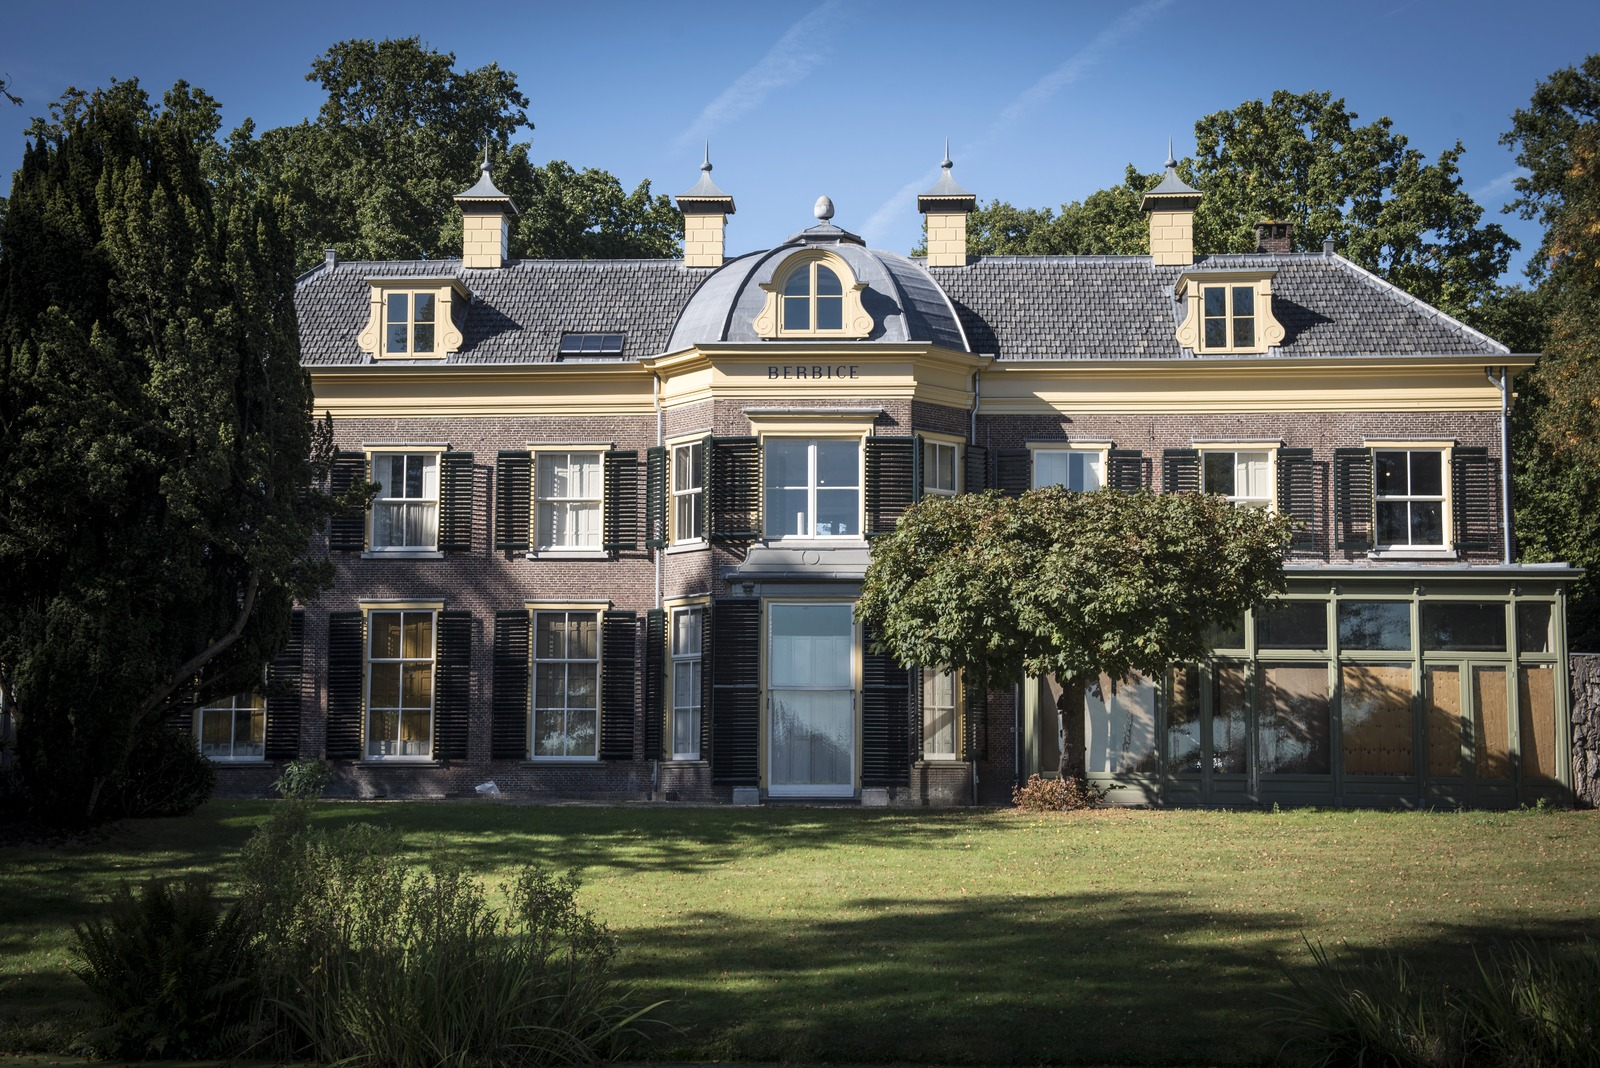 Buitenplaats Berbice, foto Michel Mees, Beeldbank van de Rijksdienst voor het Cultureel Erfgoed